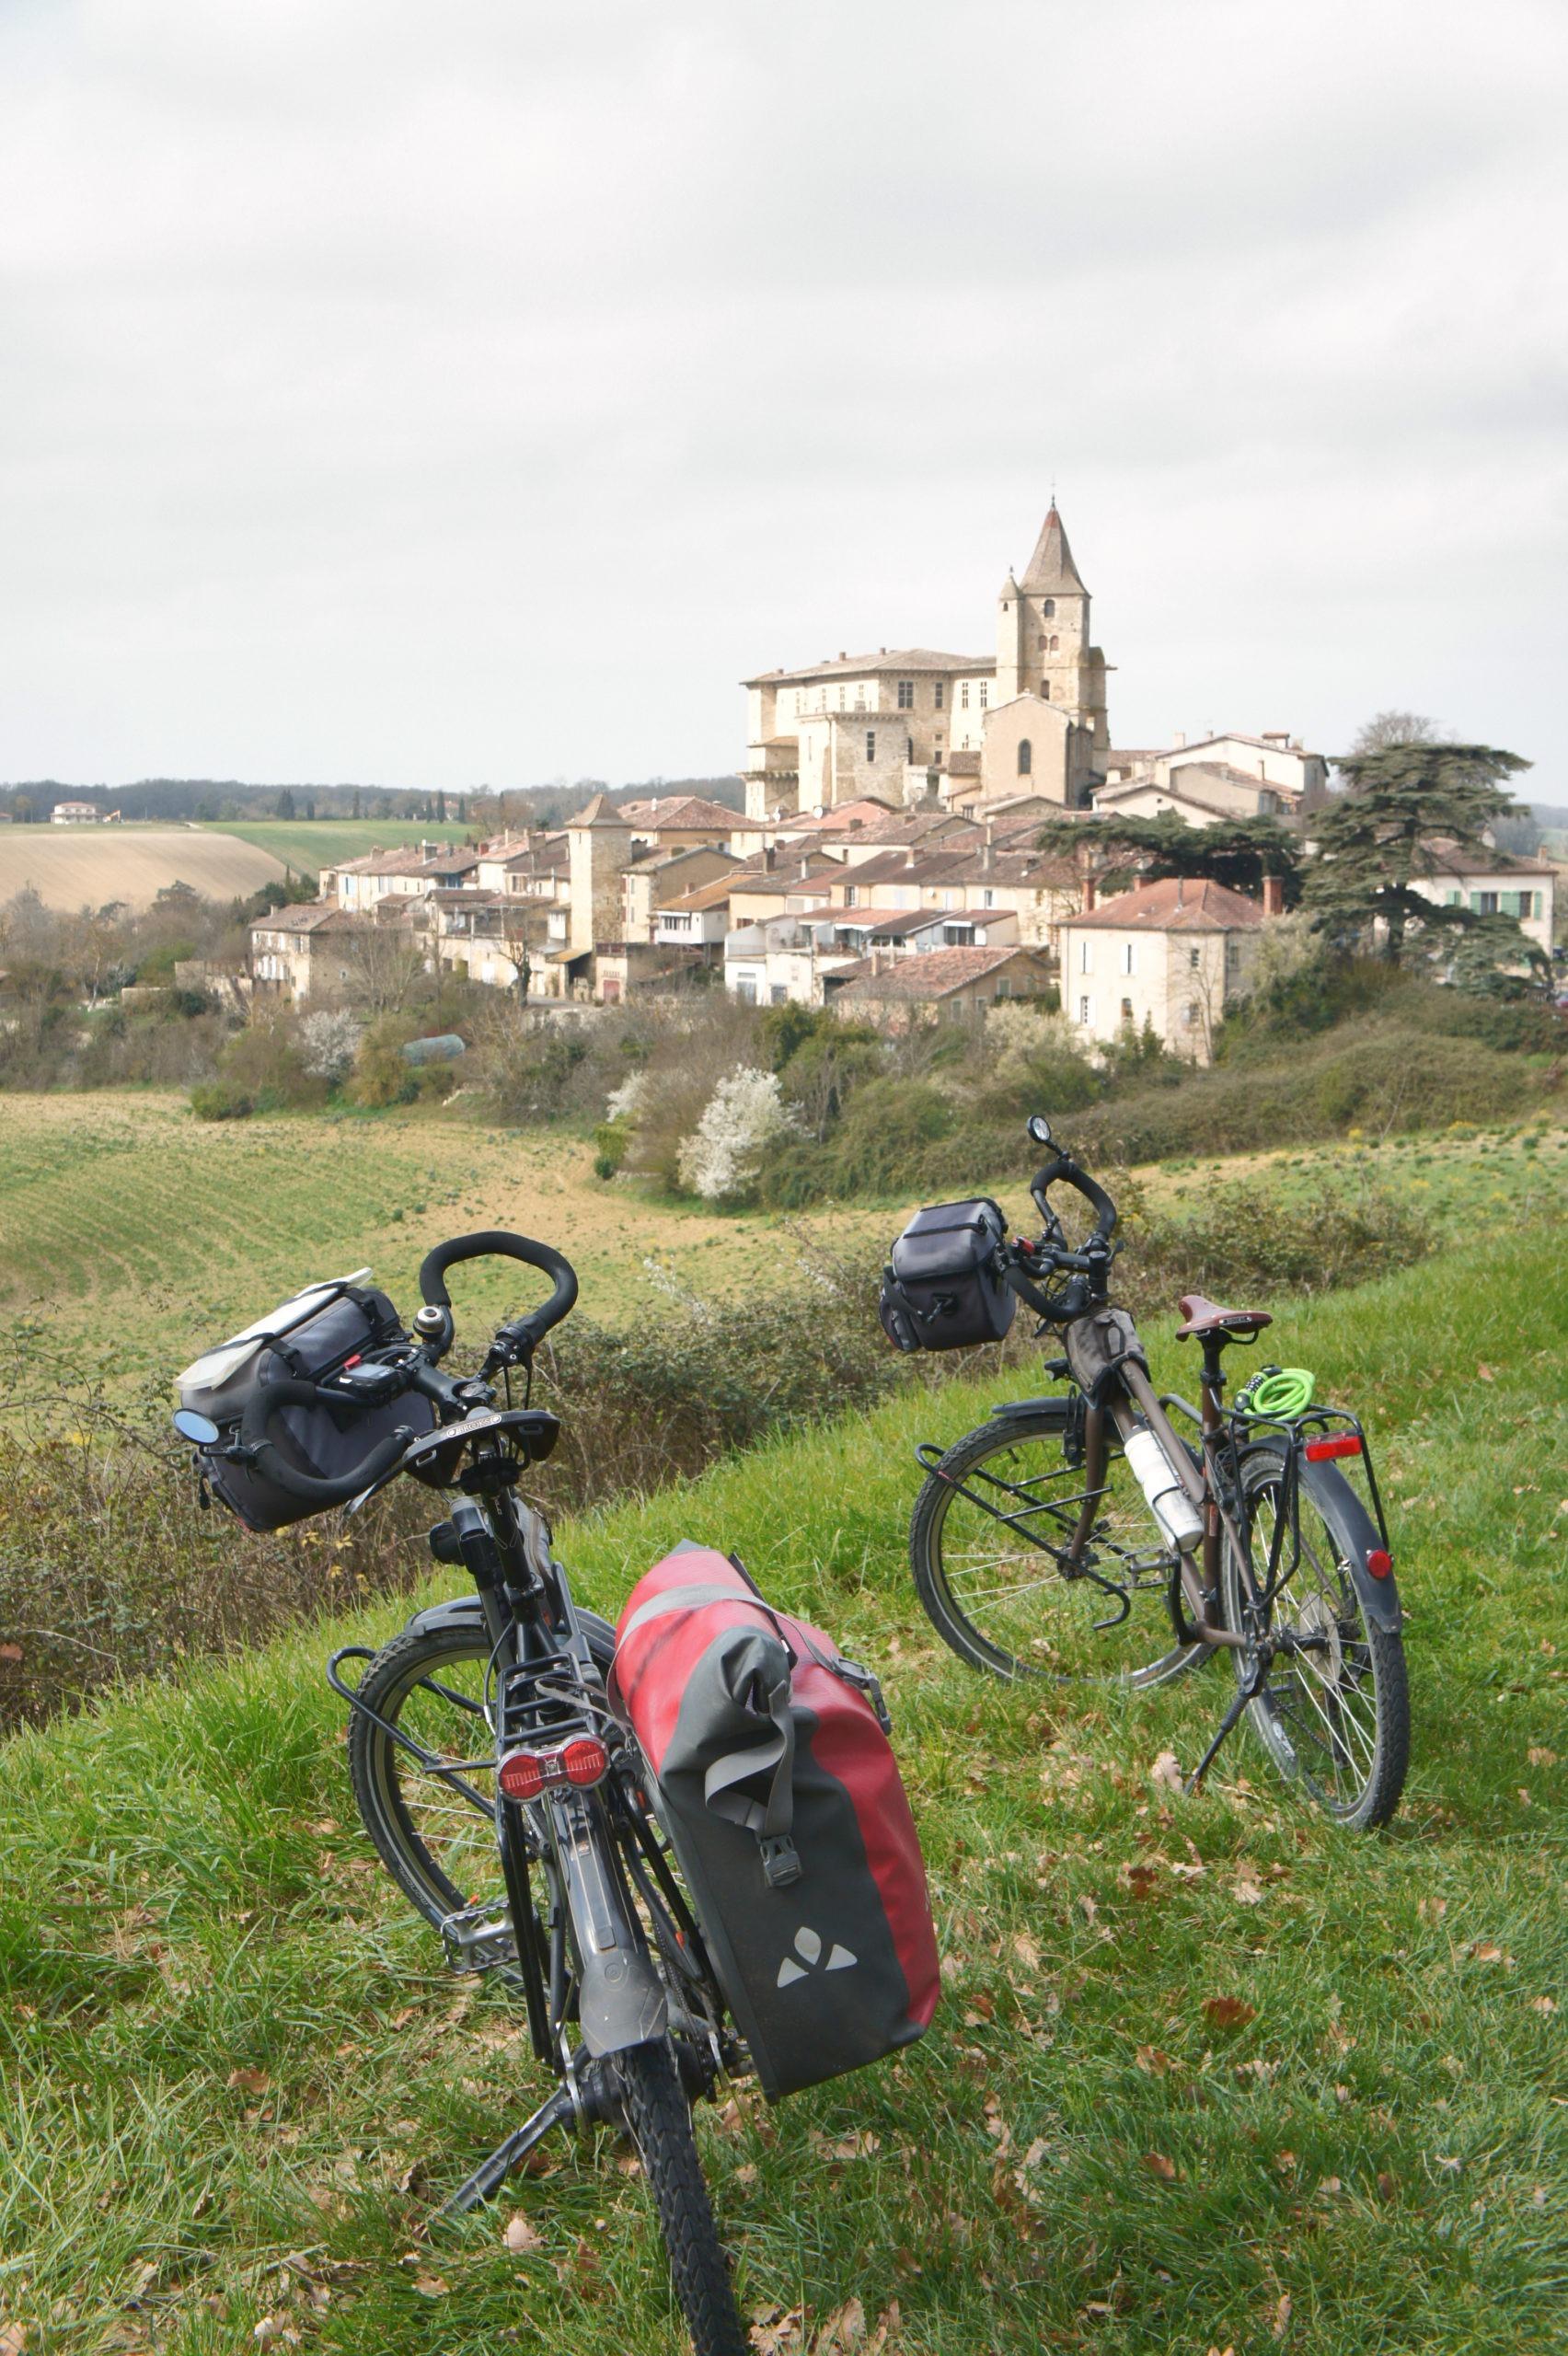 Lavardens plus beaux villages de France